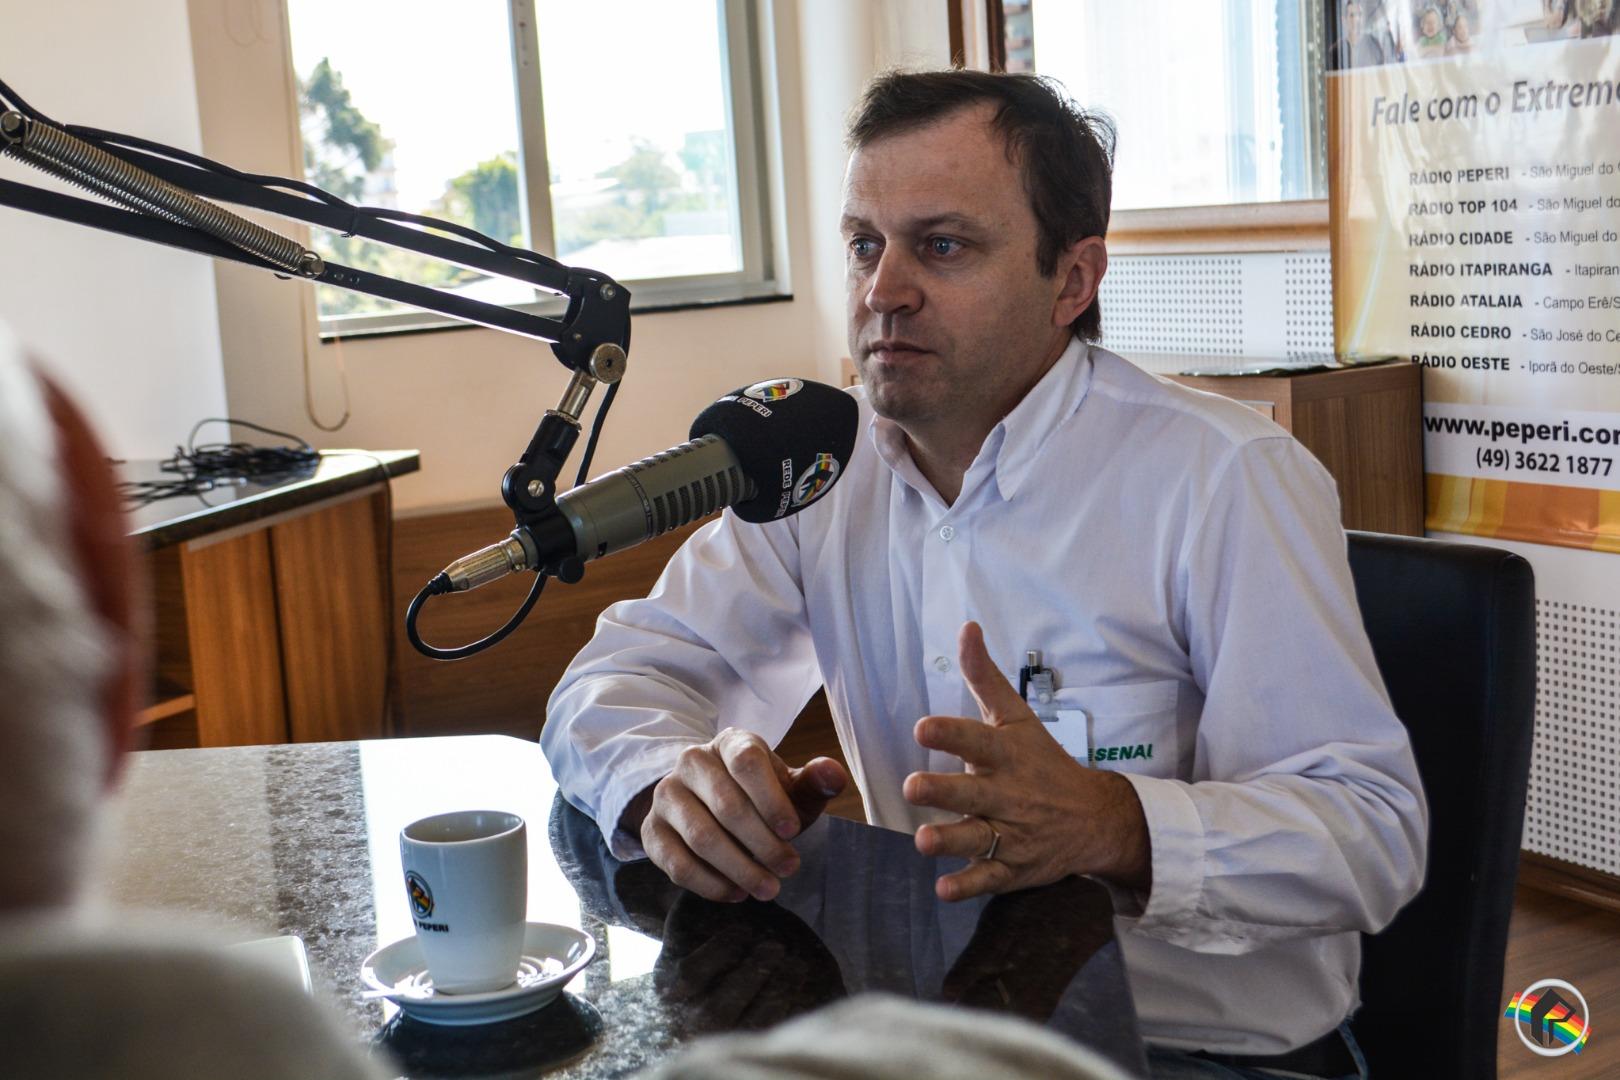 Indústria 4.0 é o tema da entrevista do Peperi Rádio Repórter